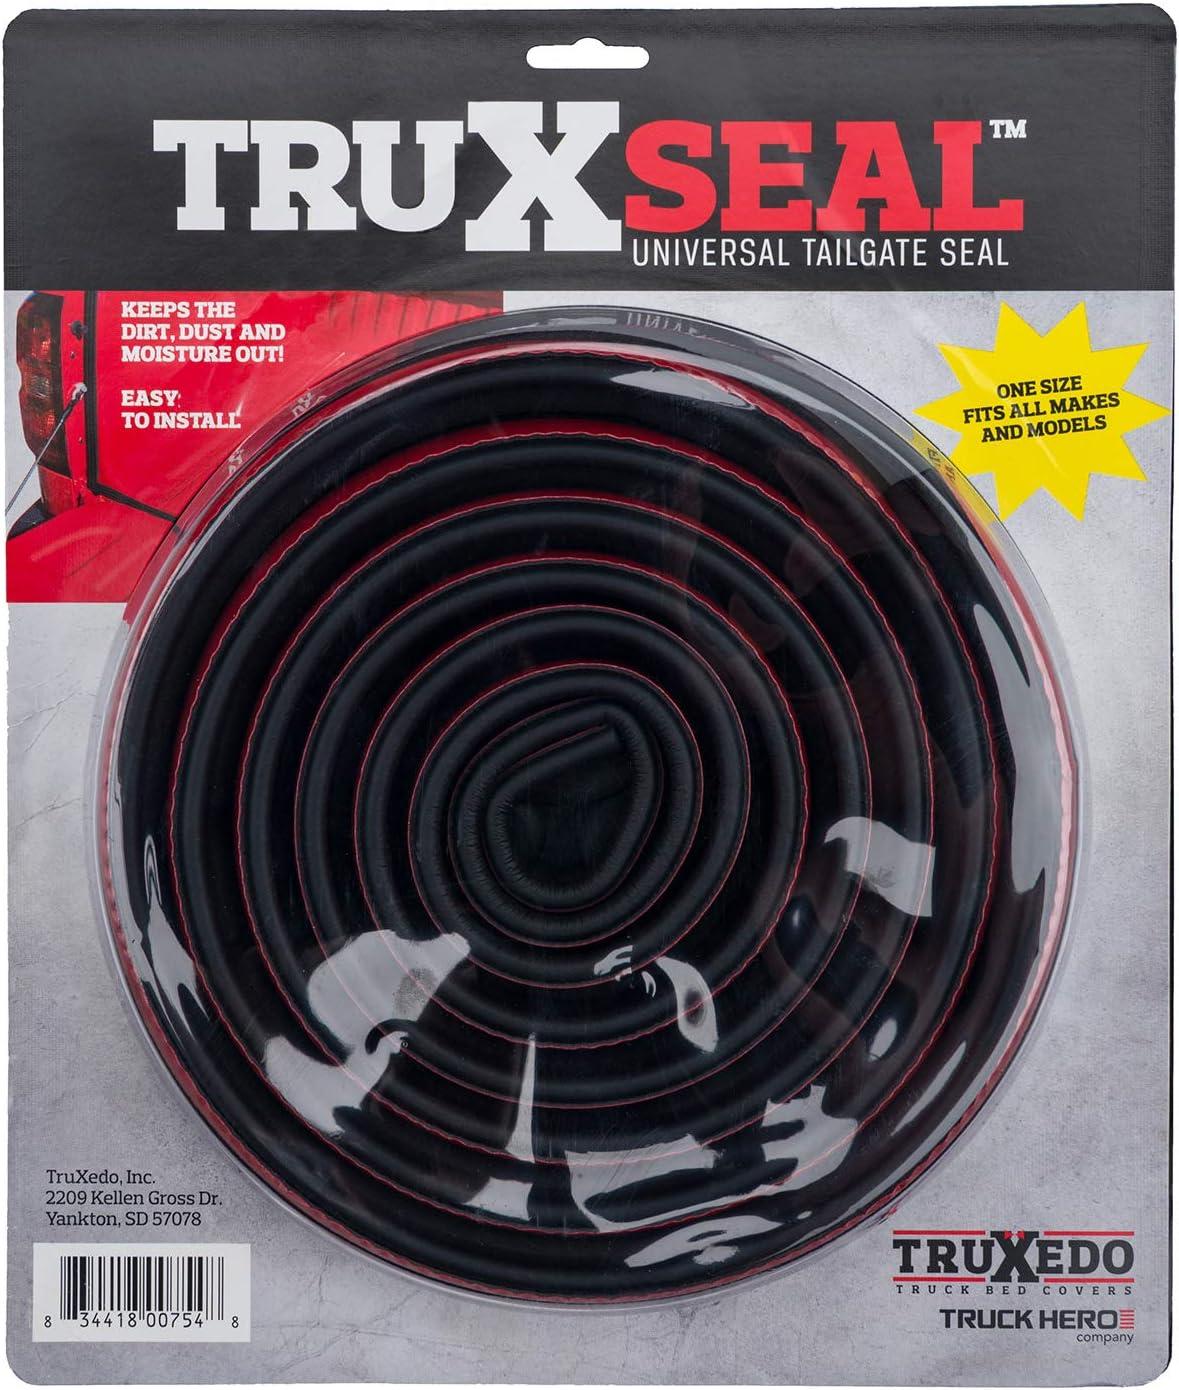 TruXseal Universal 4 years warranty Louisville-Jefferson County Mall Tailgate 1703206 Fitment Seal